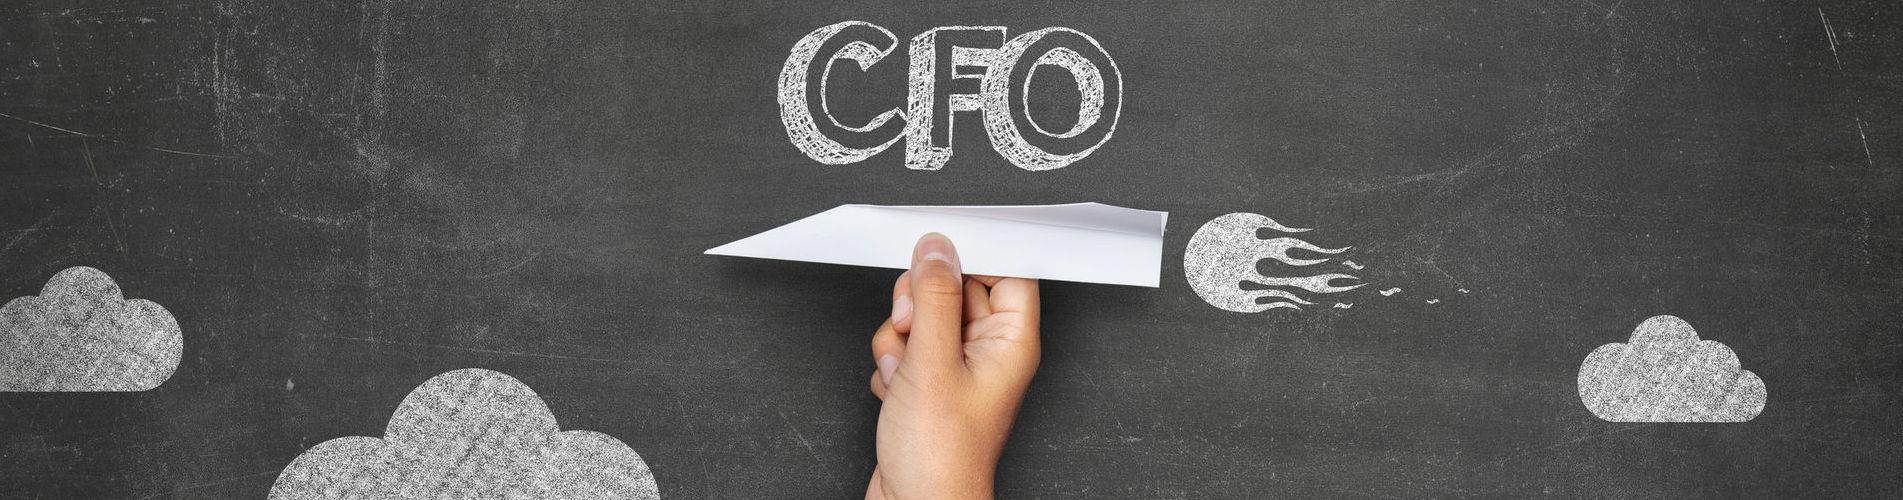 CFO-CLOUD